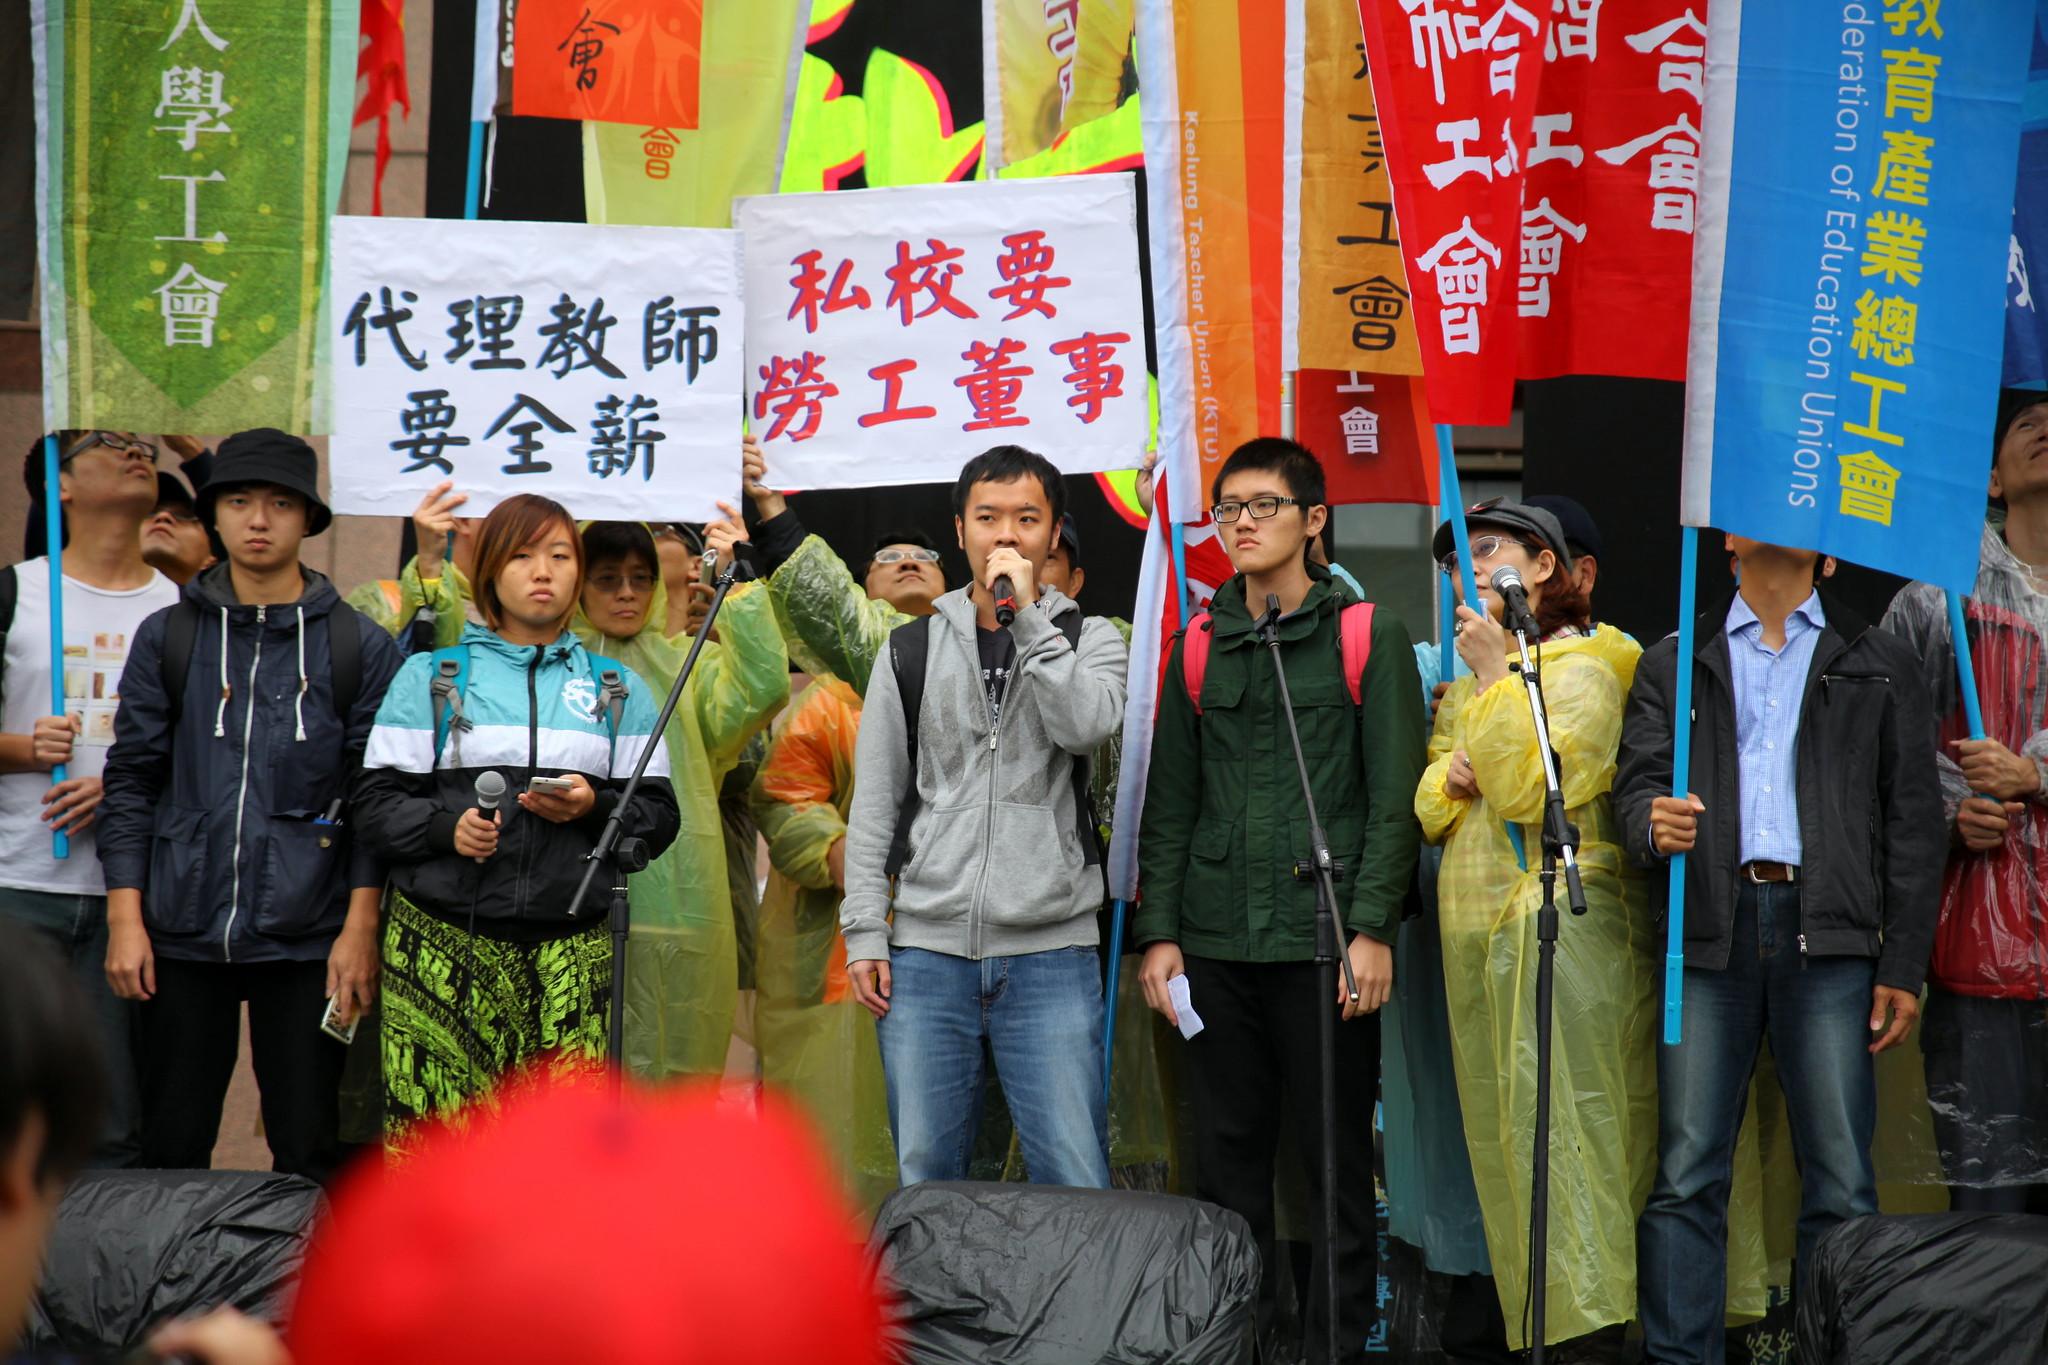 學生團體代表蘇子軒發言。(攝影:陳逸婷)